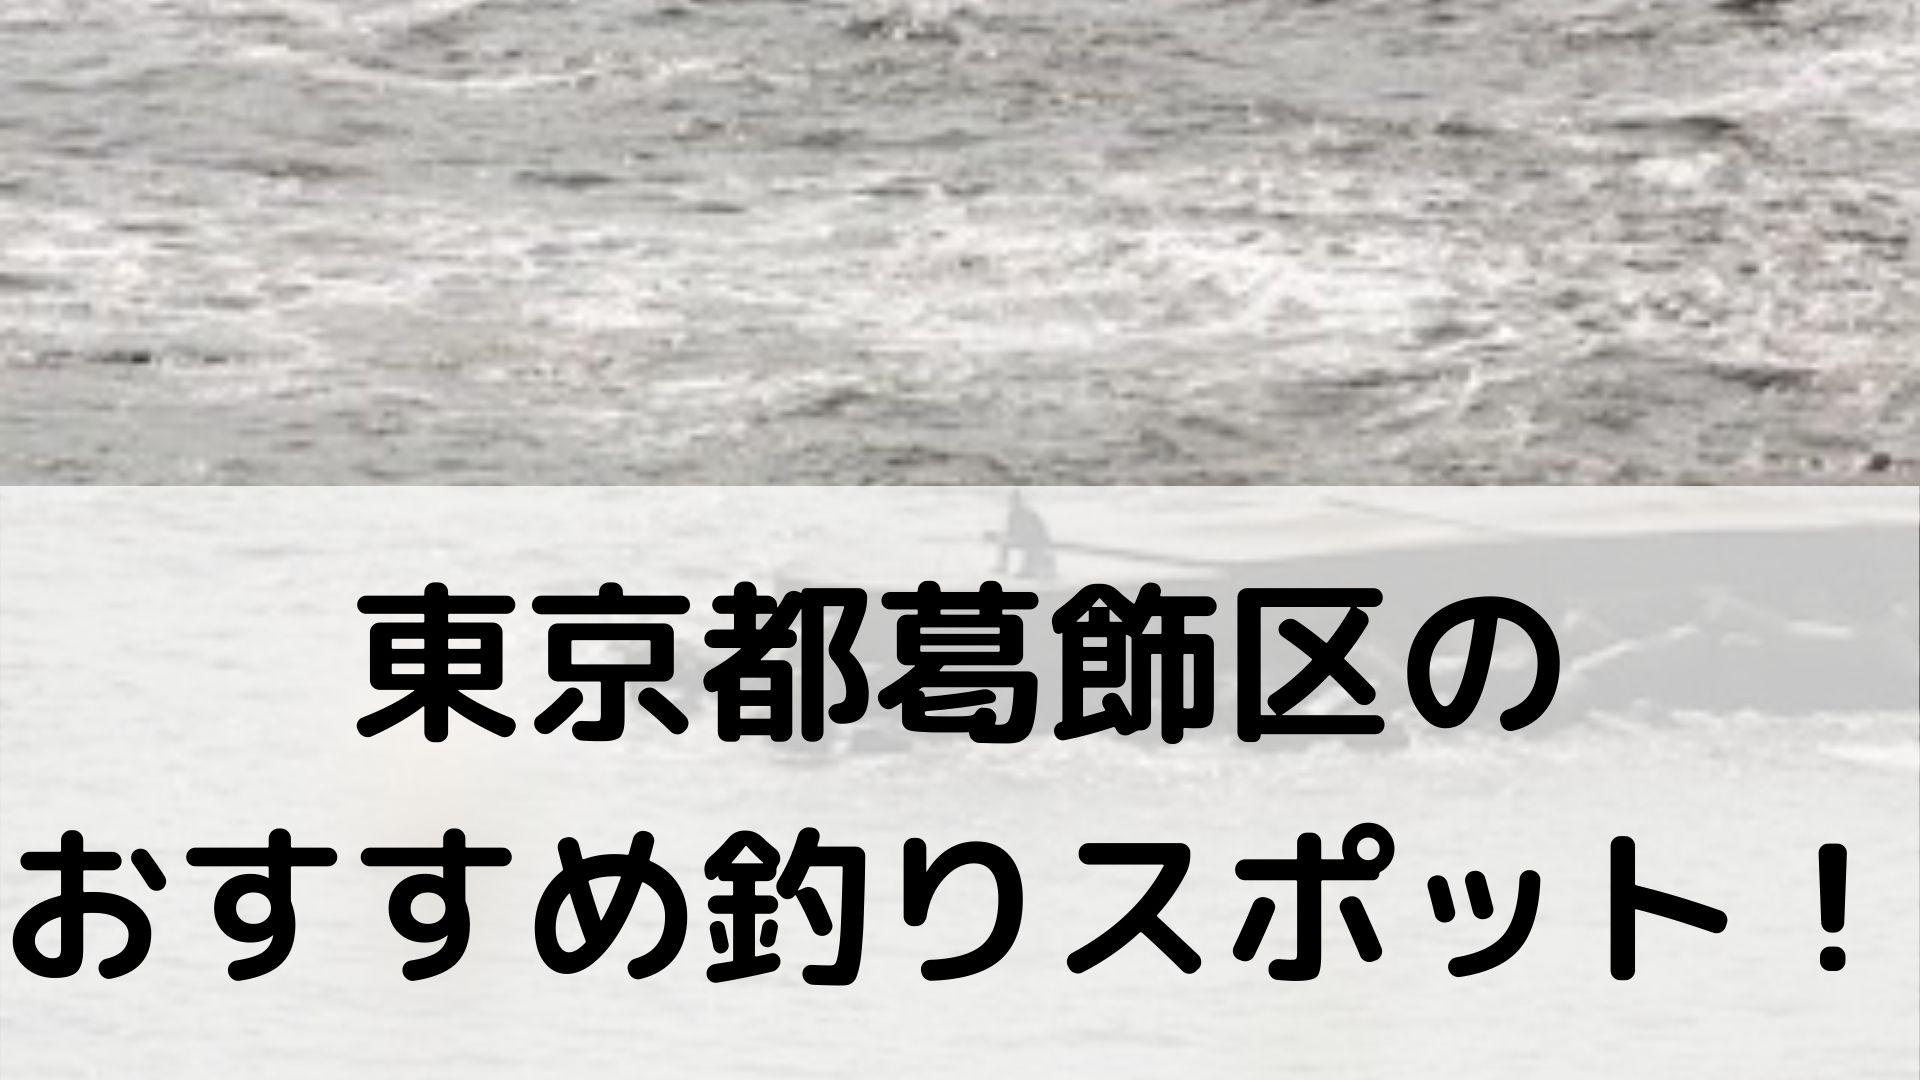 東京都葛飾区のおすすめ釣りスポットに関する参考画像